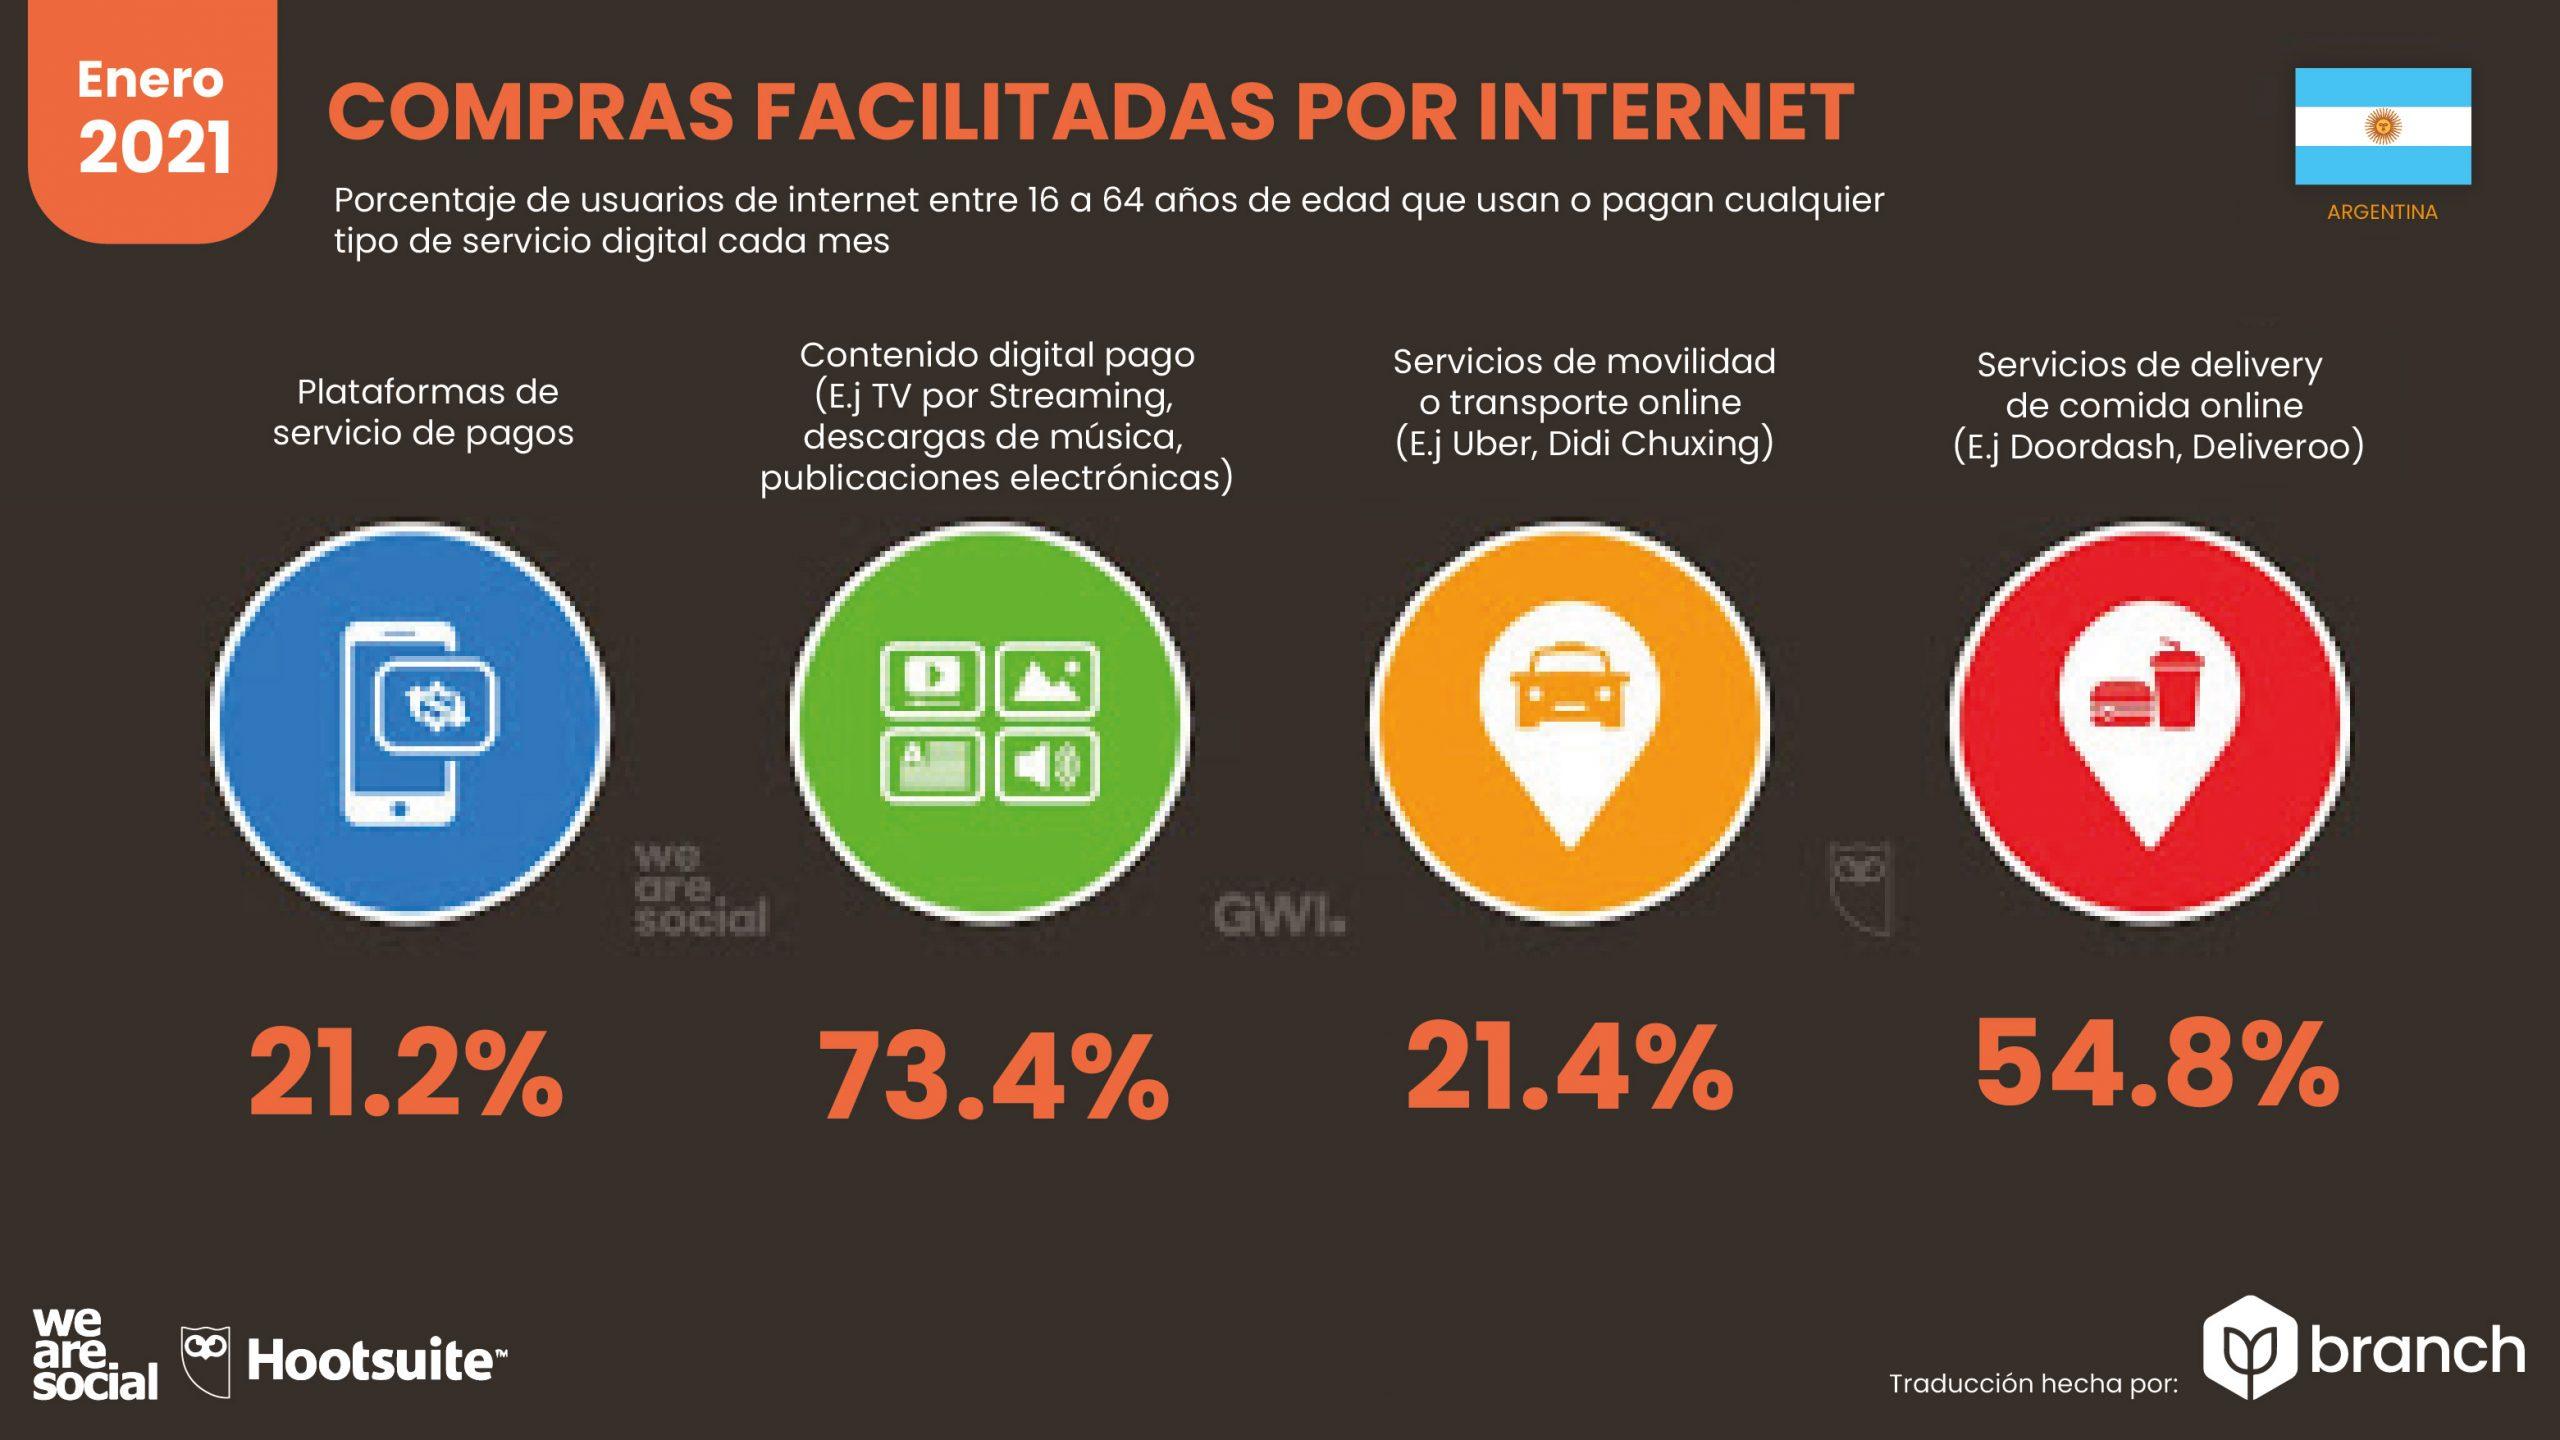 grafico-compras-facilitadas-por-internet-argentina-2020-2021